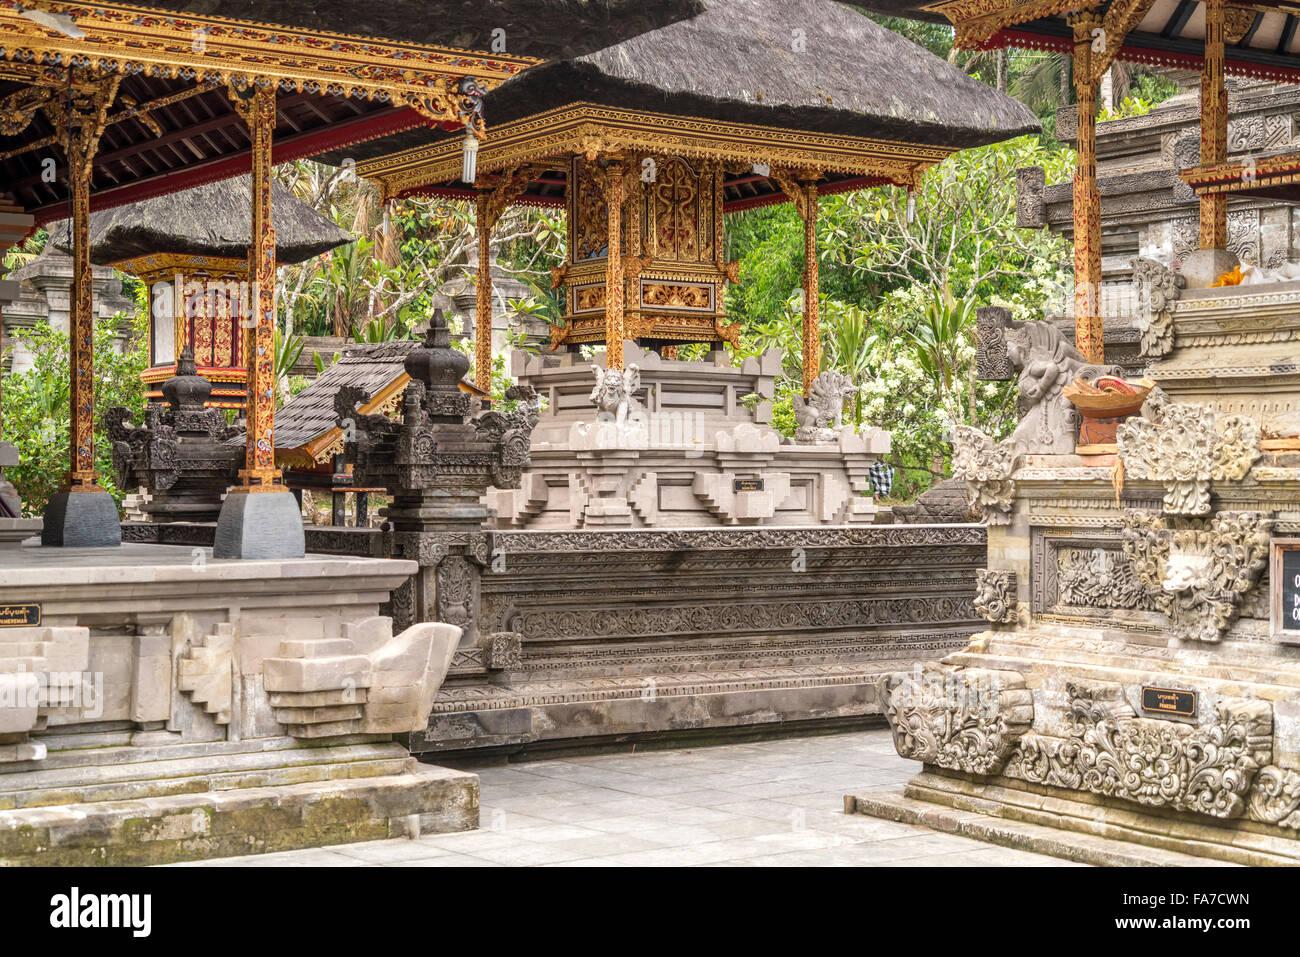 El templo del agua Tirta Empul hindú cerca de Ubud, Bali, Indonesia Imagen De Stock